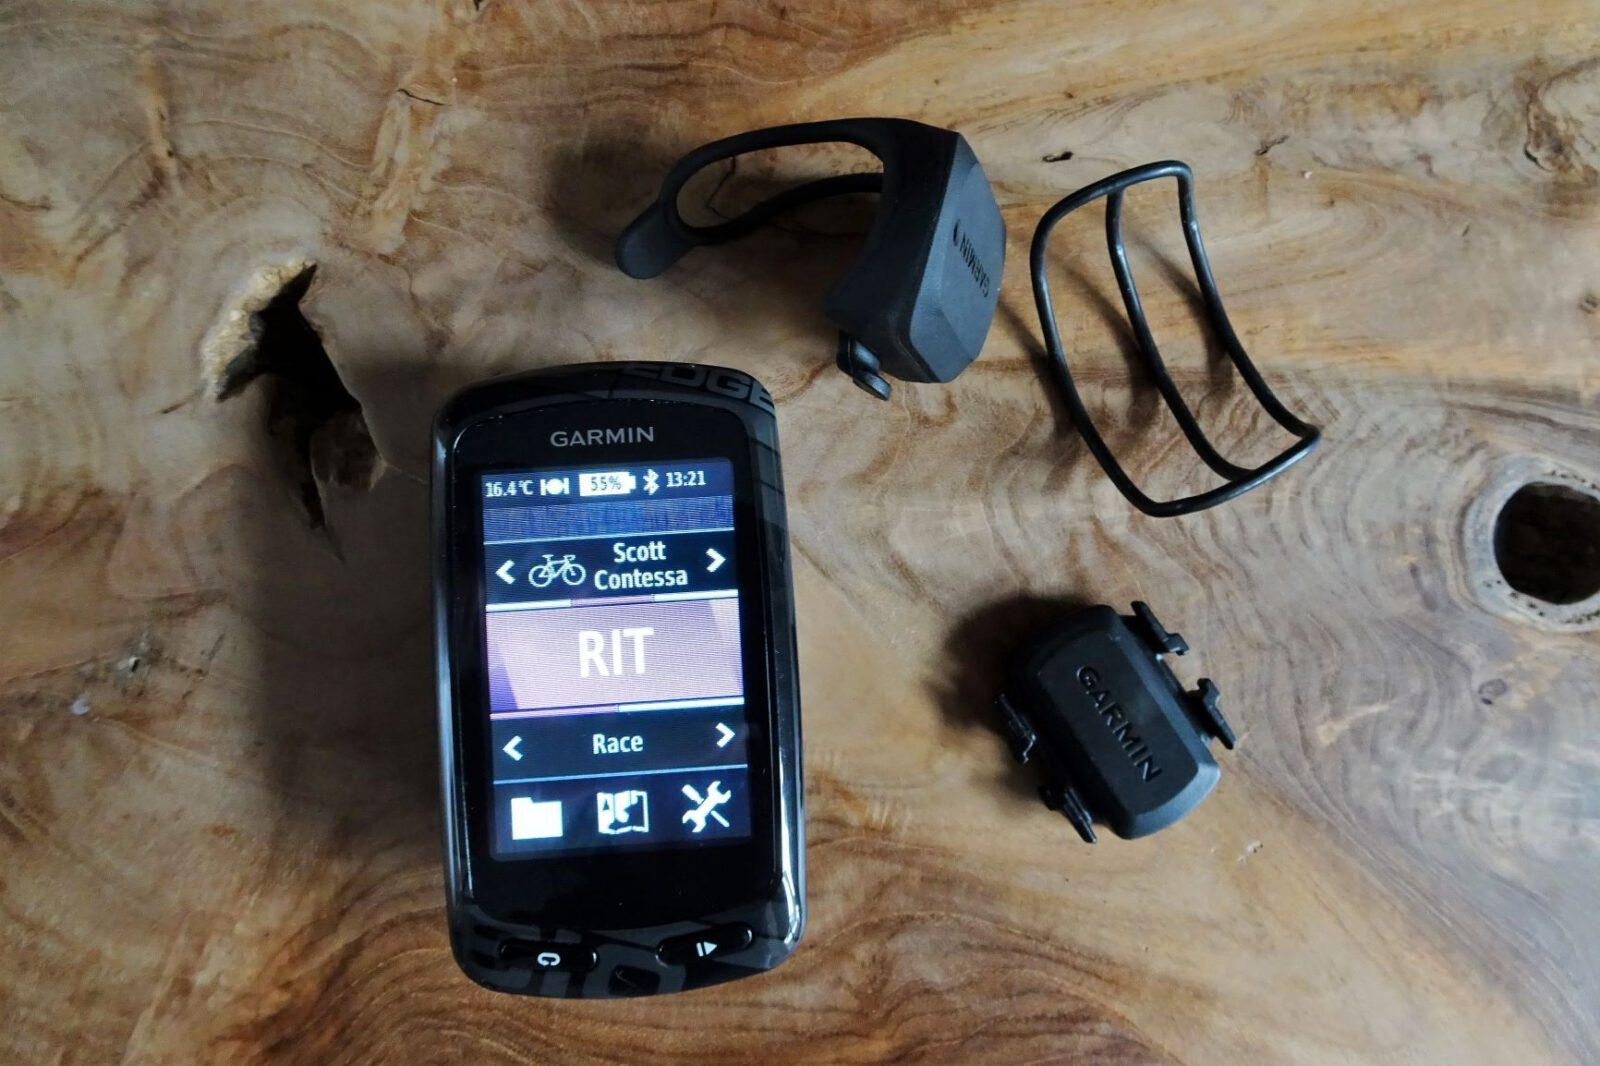 batterijen van de garmin sensoren vervangen mamazetkoers -